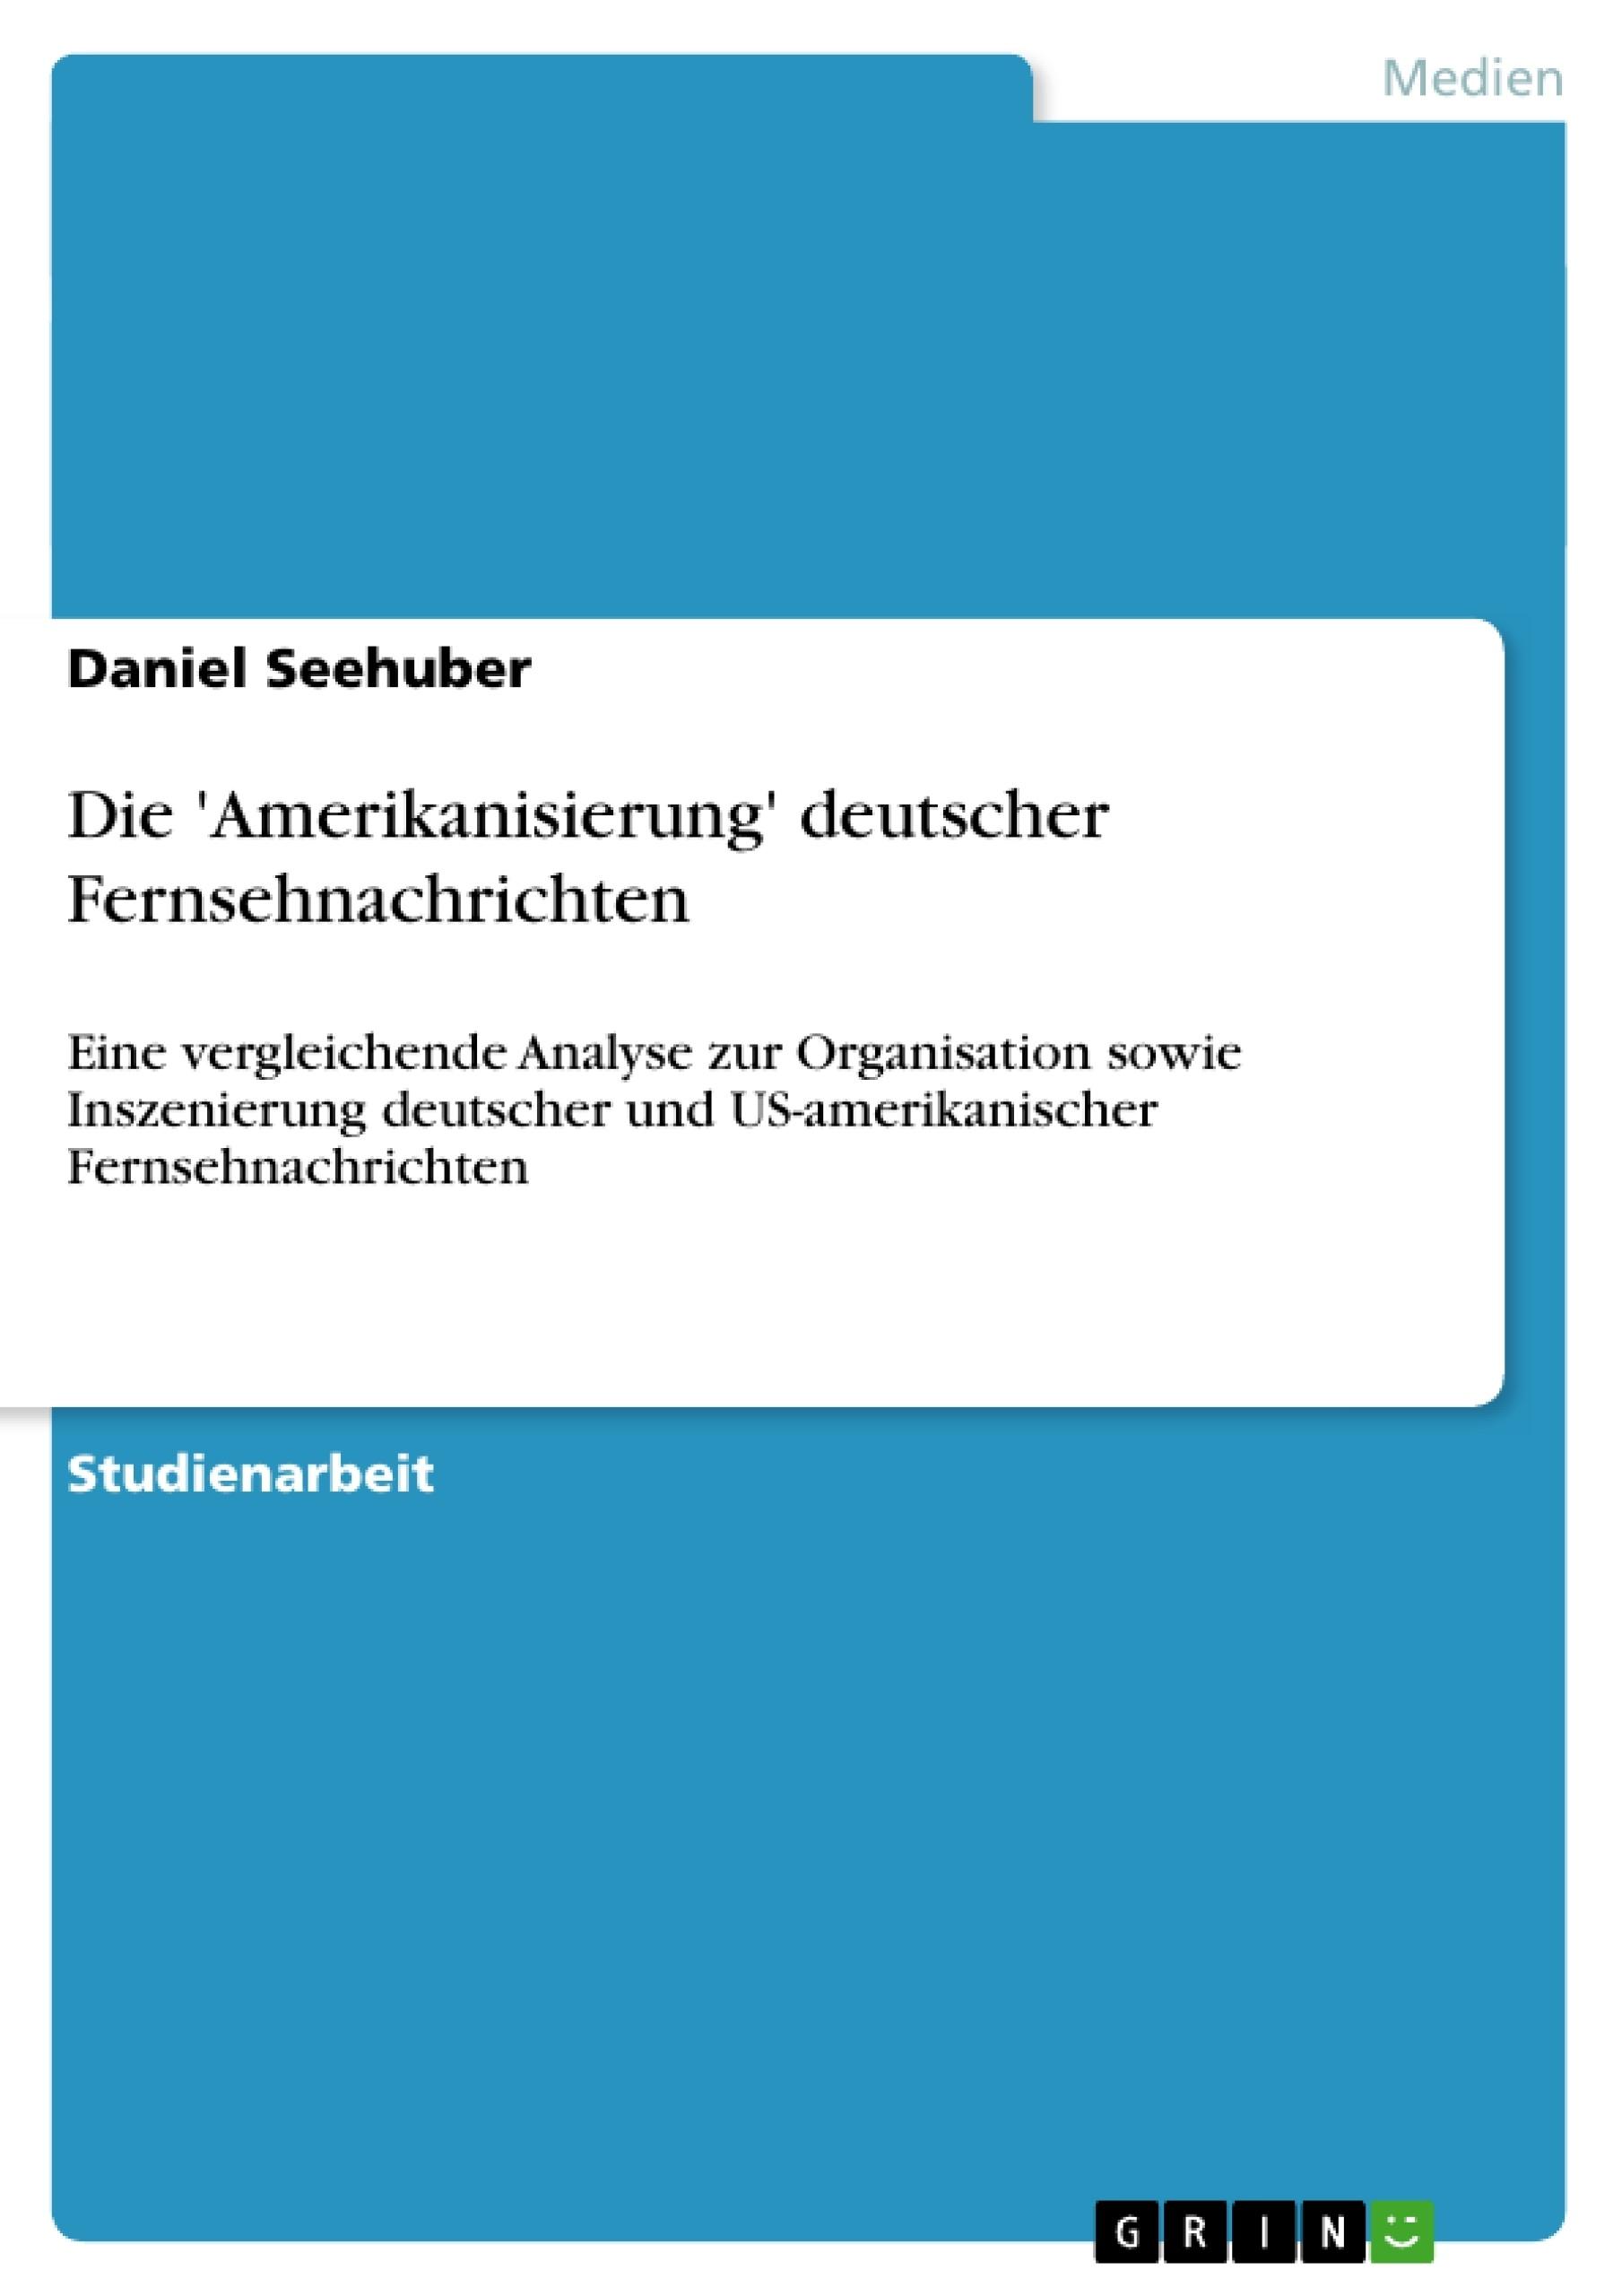 Titel: Die 'Amerikanisierung' deutscher Fernsehnachrichten